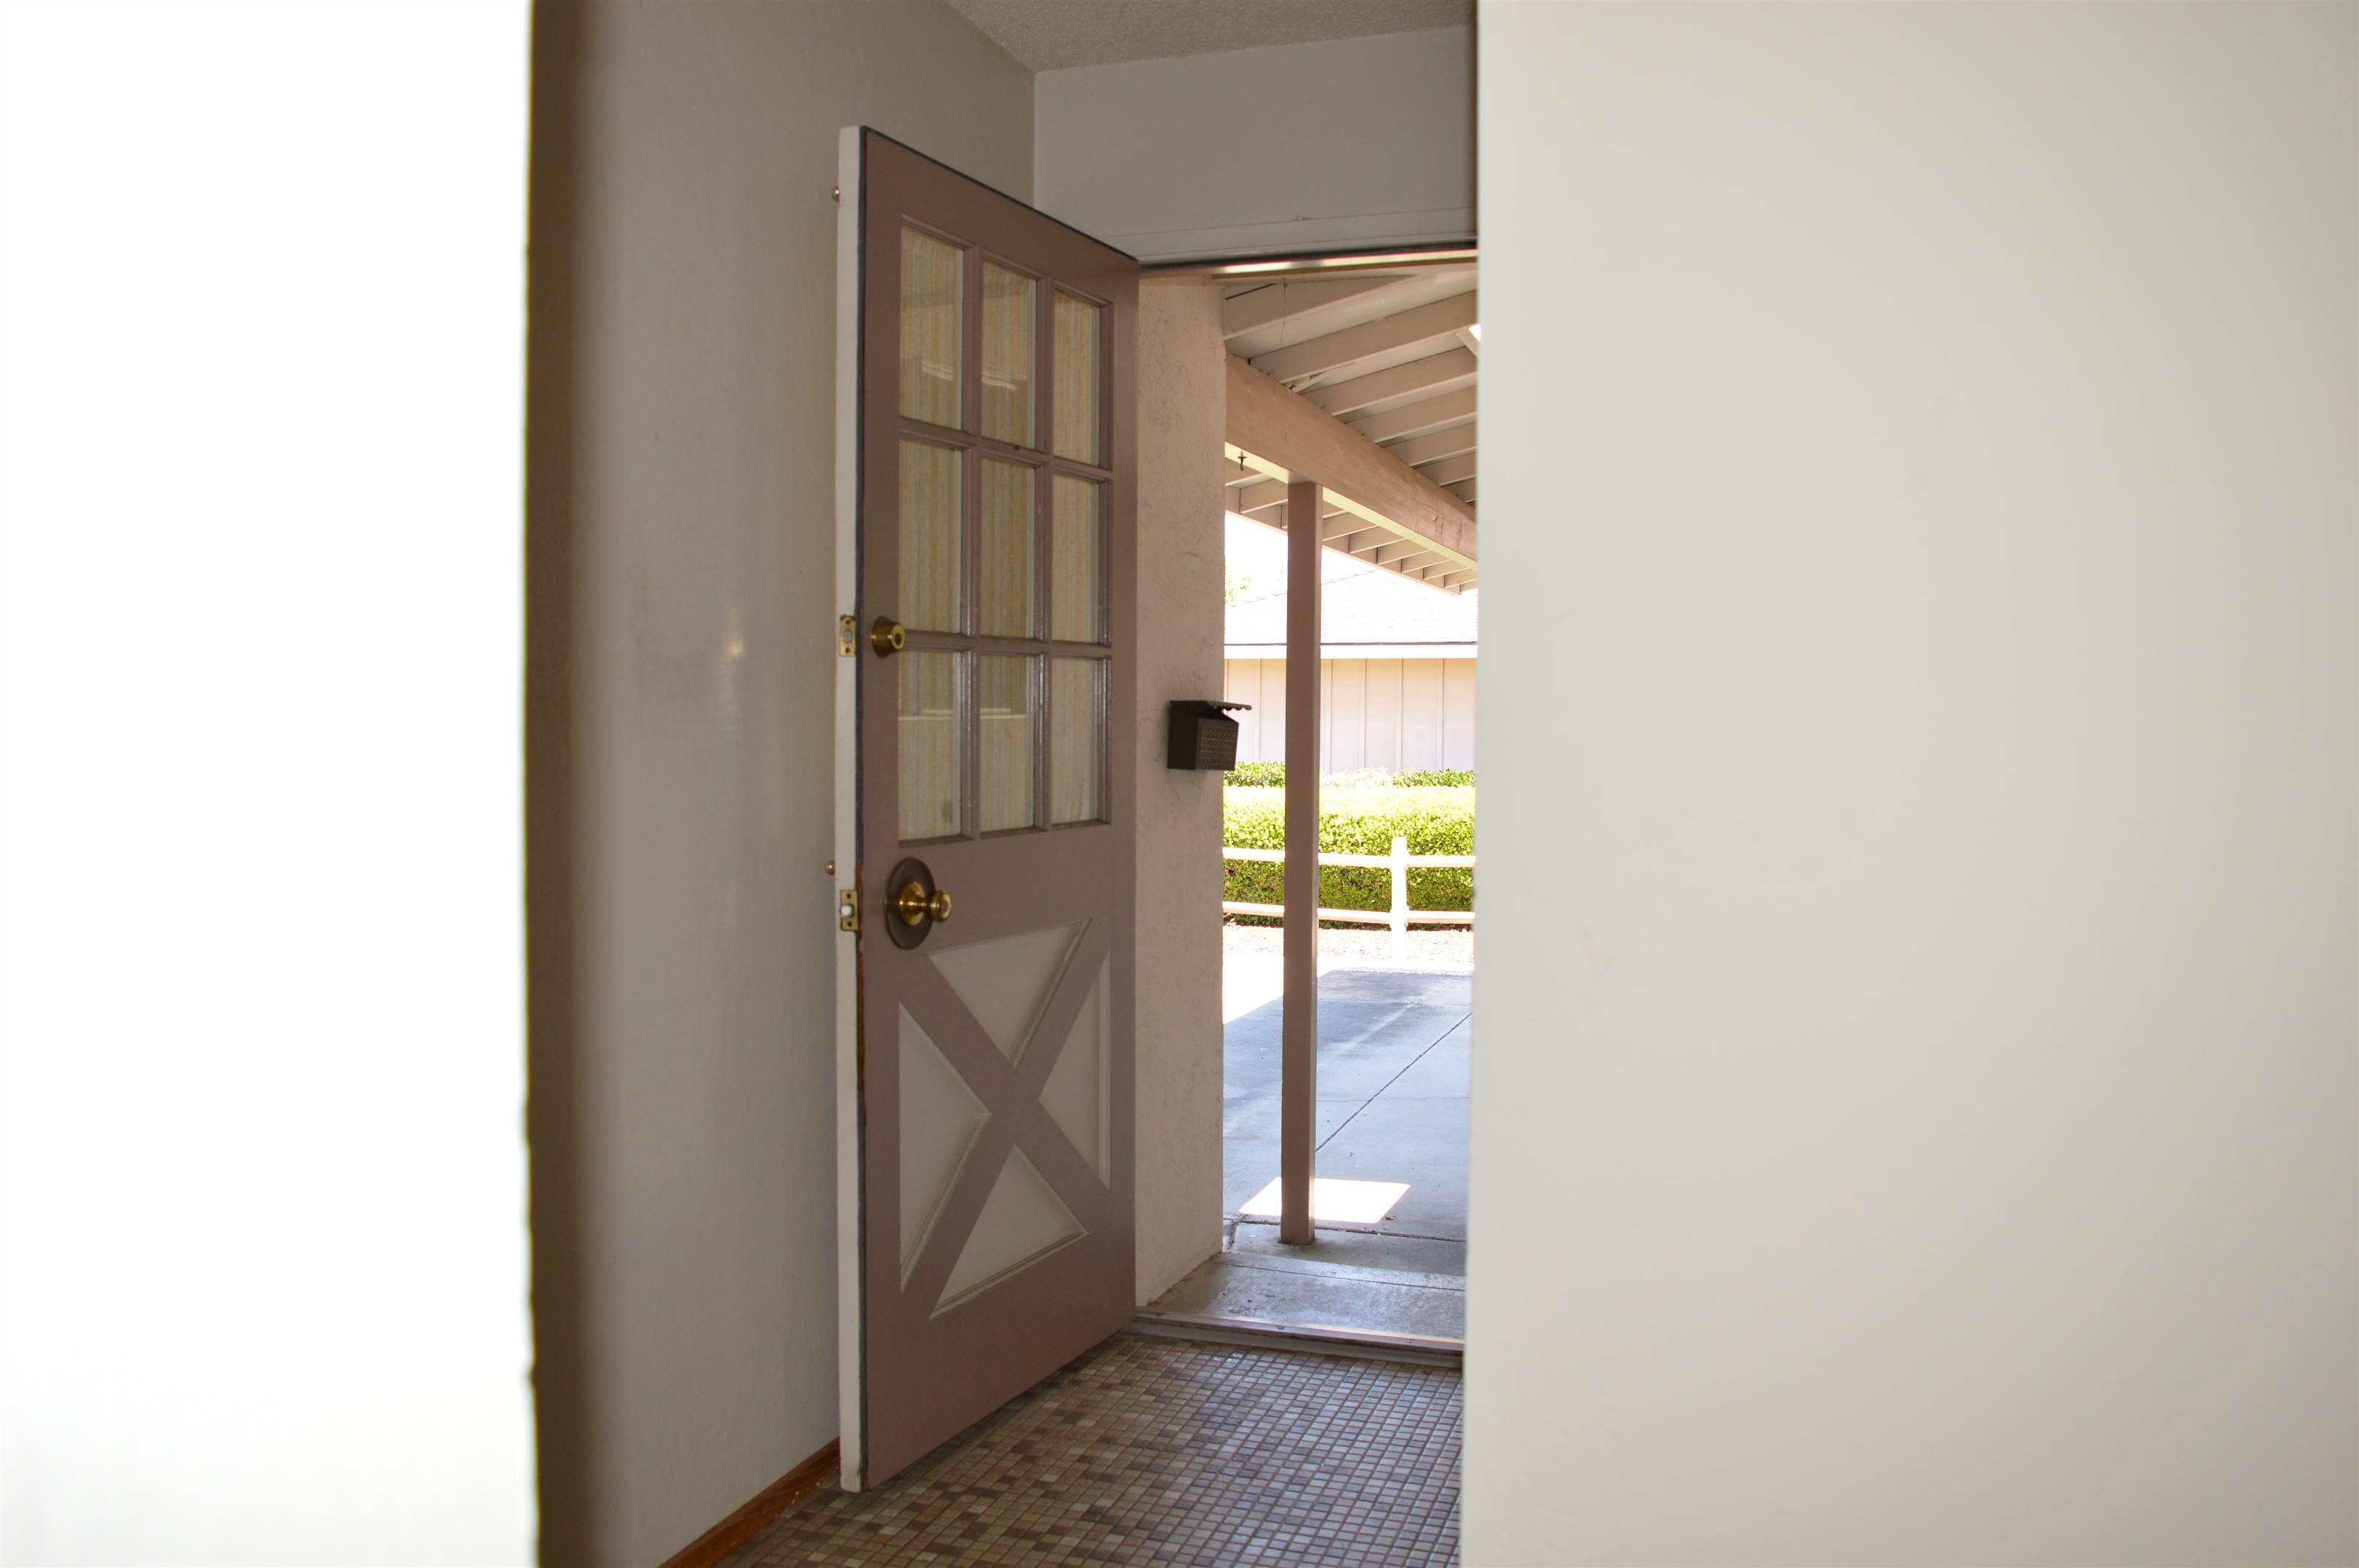 1560 Heron Ave, Sunnyvale, CA 94087